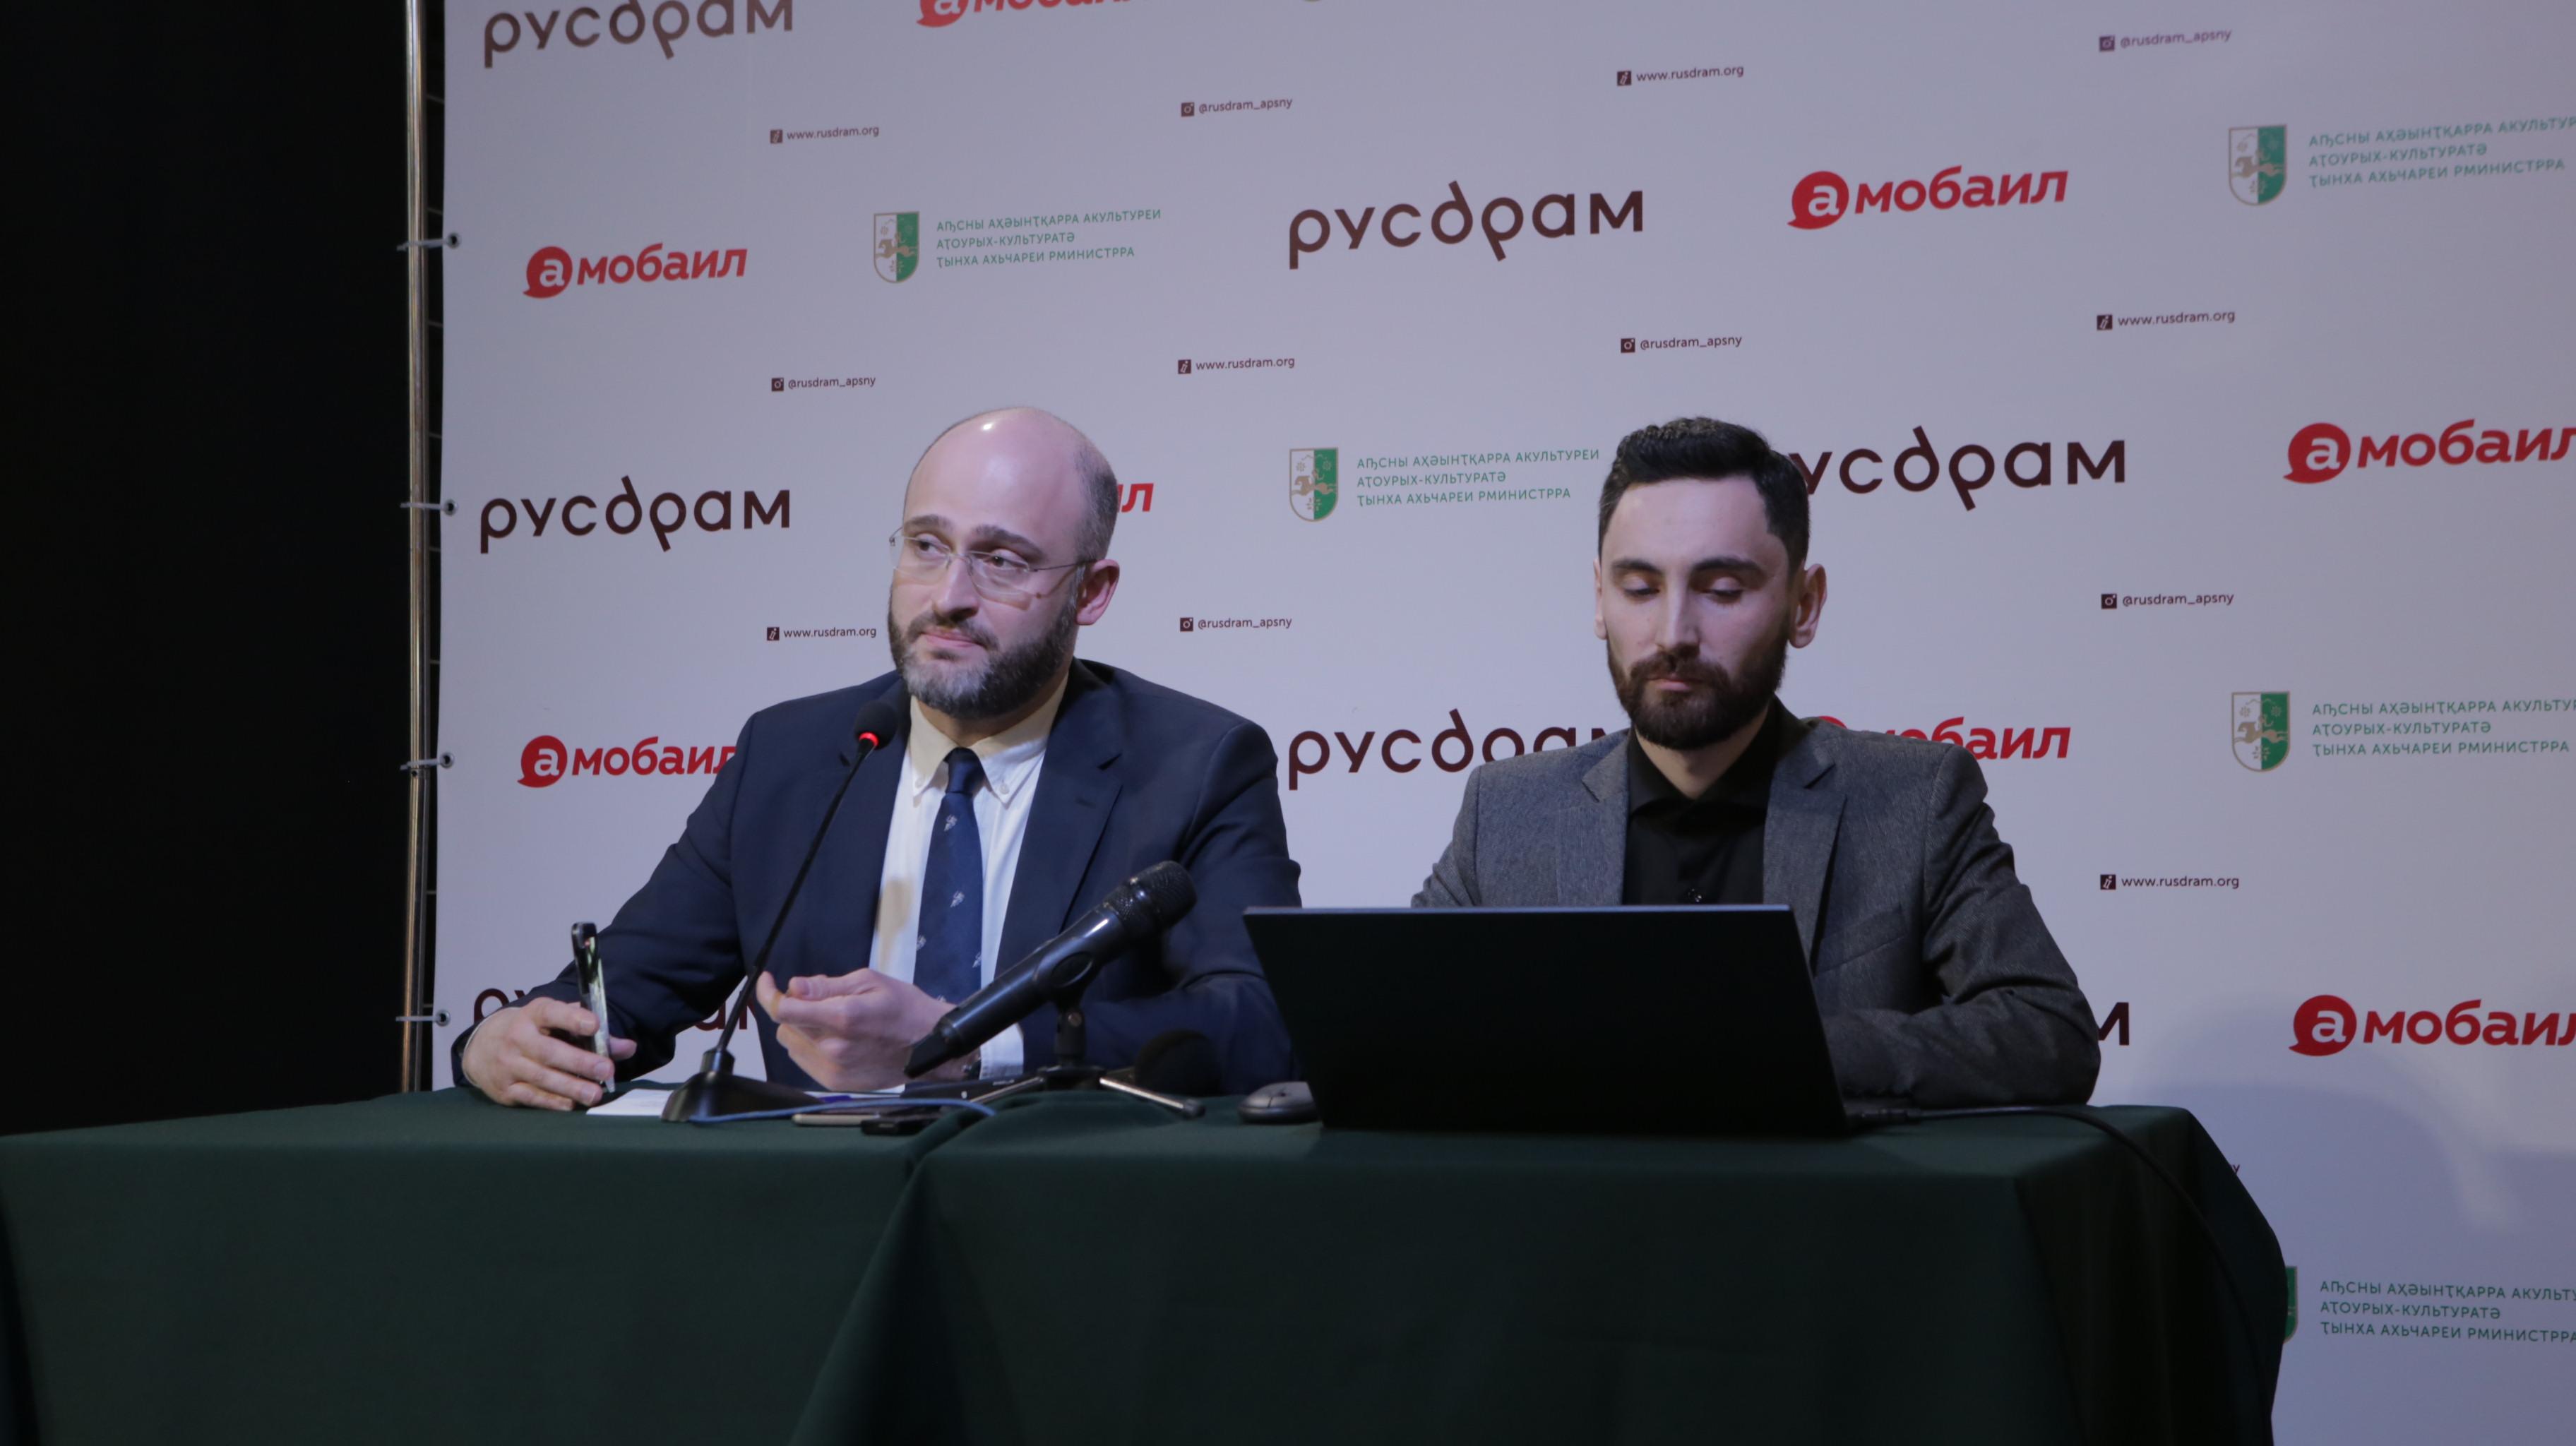 Новый сайт, спектакли, гастроли, лаборатория: пресс-конференция в РУСДРАМе